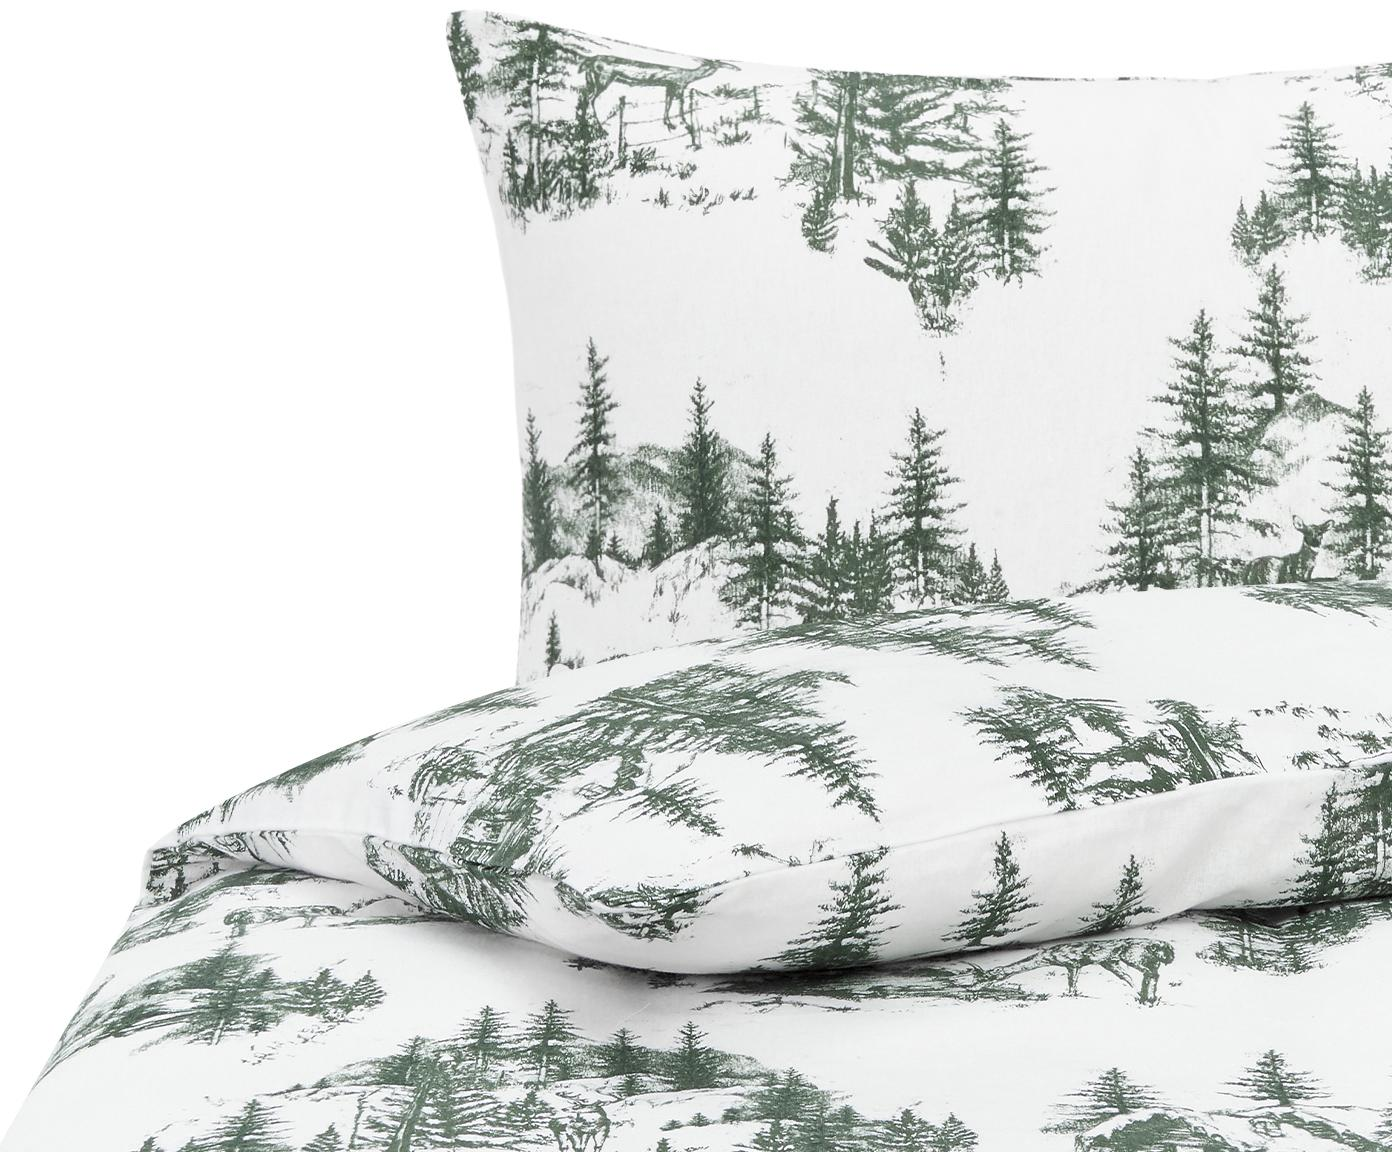 Flanell-Bettwäsche Nordic mit winterlichem Motiv, Webart: Flanell Flanell ist ein s, Grün, Weiss, 135 x 200 cm + 1 Kissen 80 x 80 cm